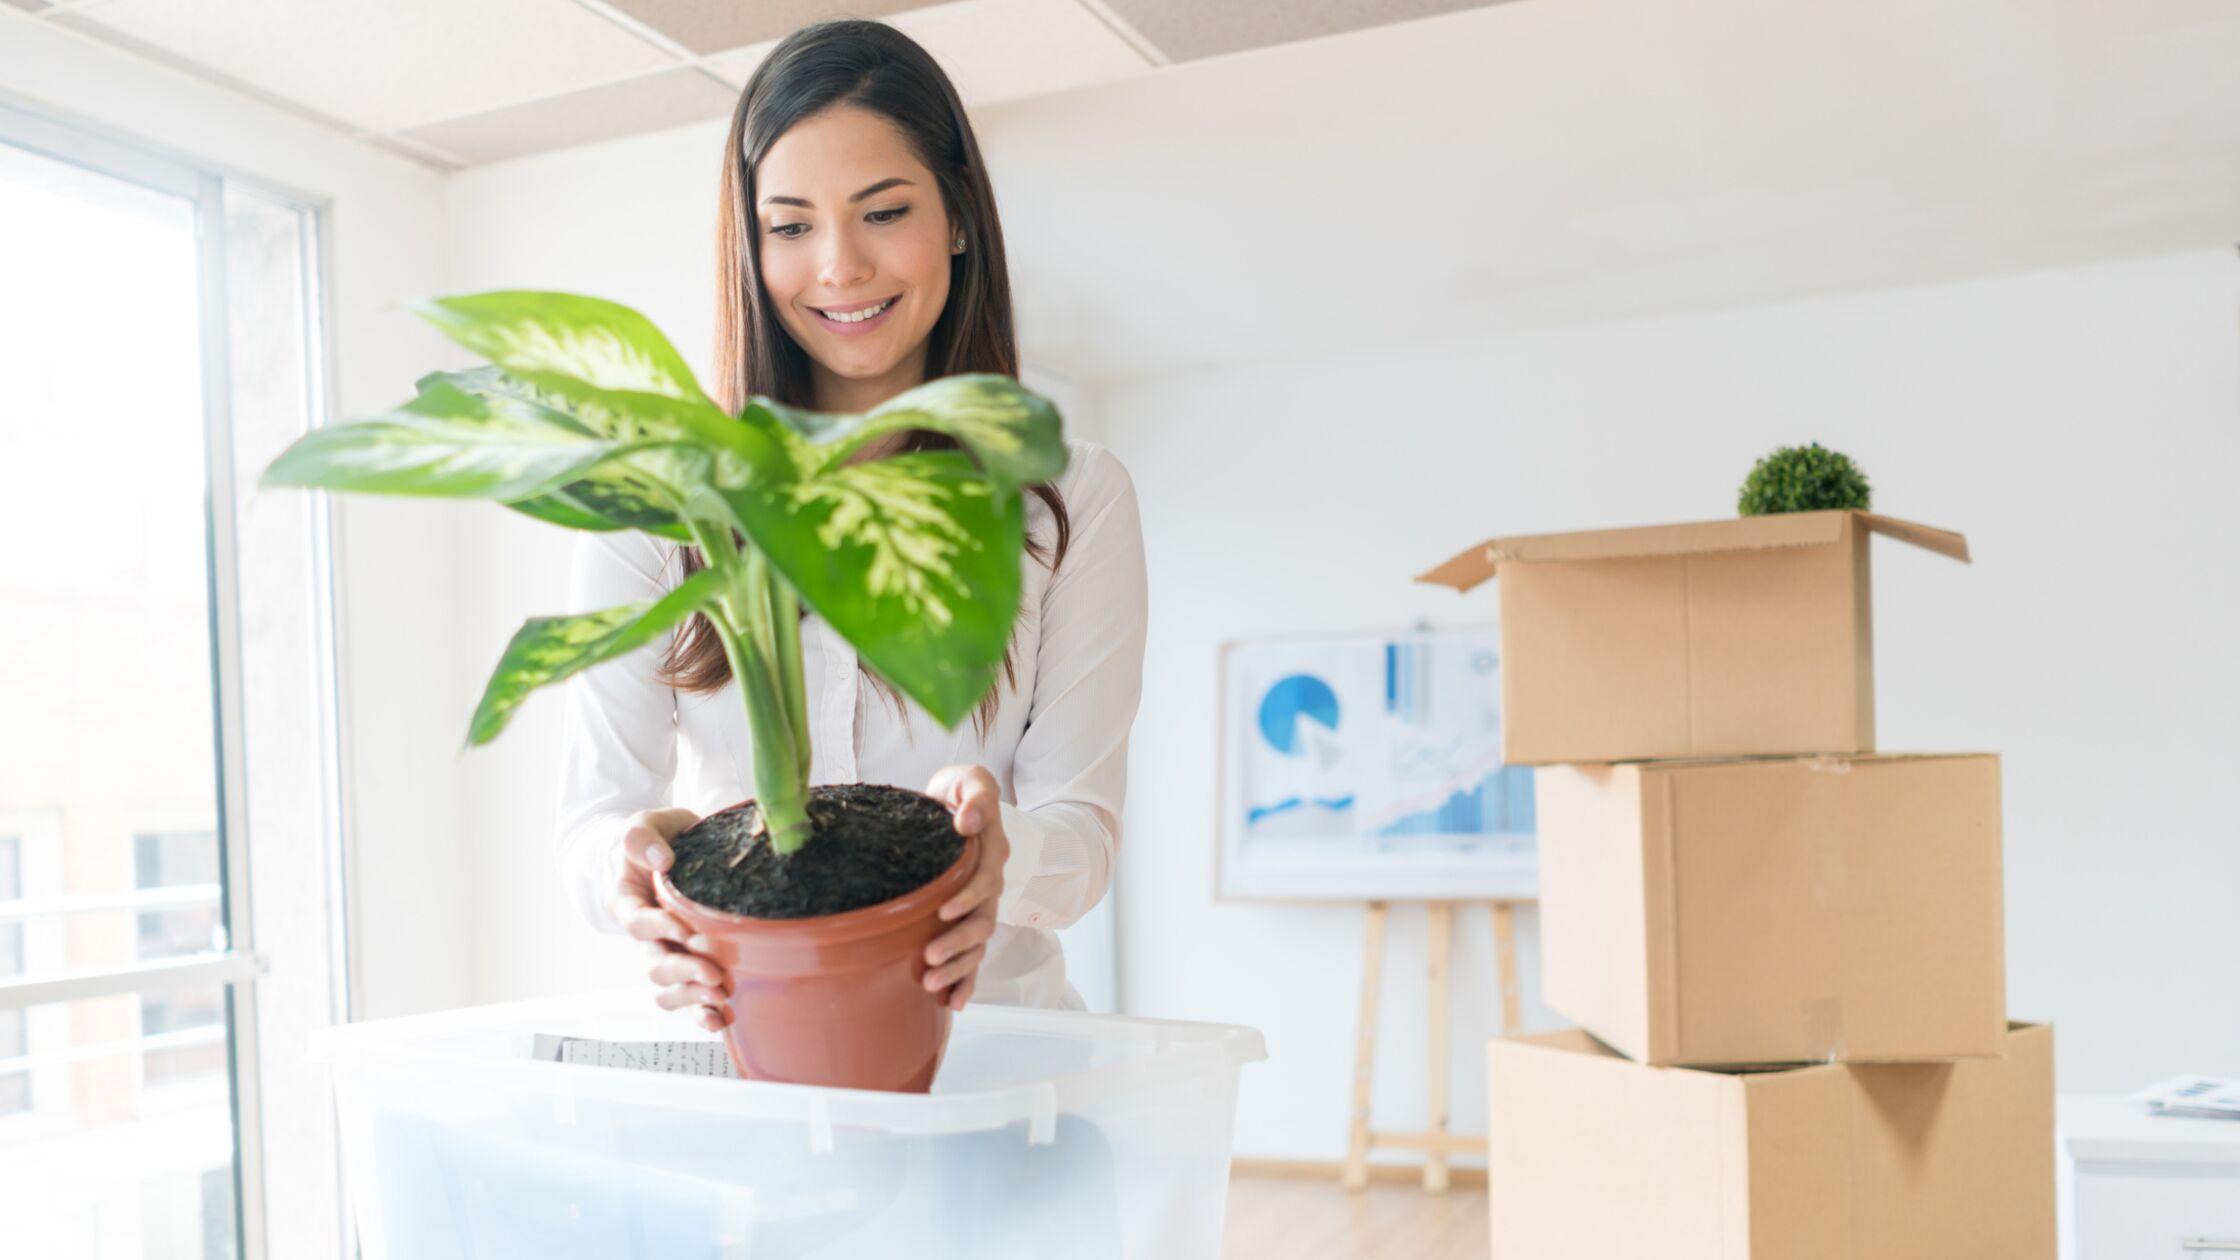 Frau sucht nach dem Transport Standort für ihre Pflanze